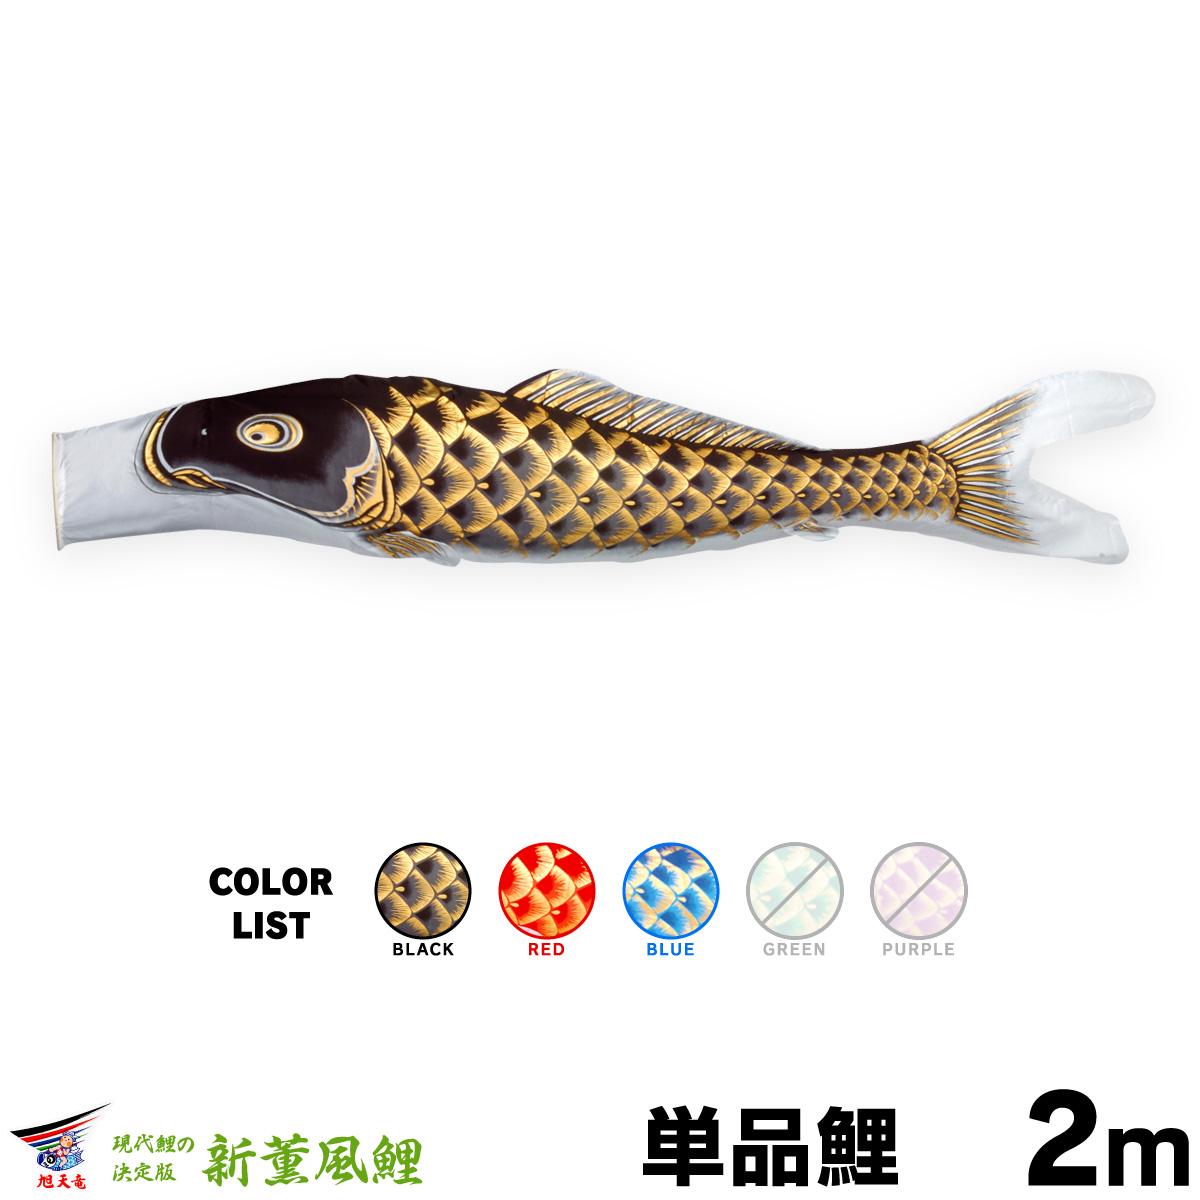 こいのぼり ファッション通販 迅速な対応で商品をお届け致します 鯉のぼり 子鯉 単品の鯉のぼり販売 単品 2m 単品鯉 新薫風